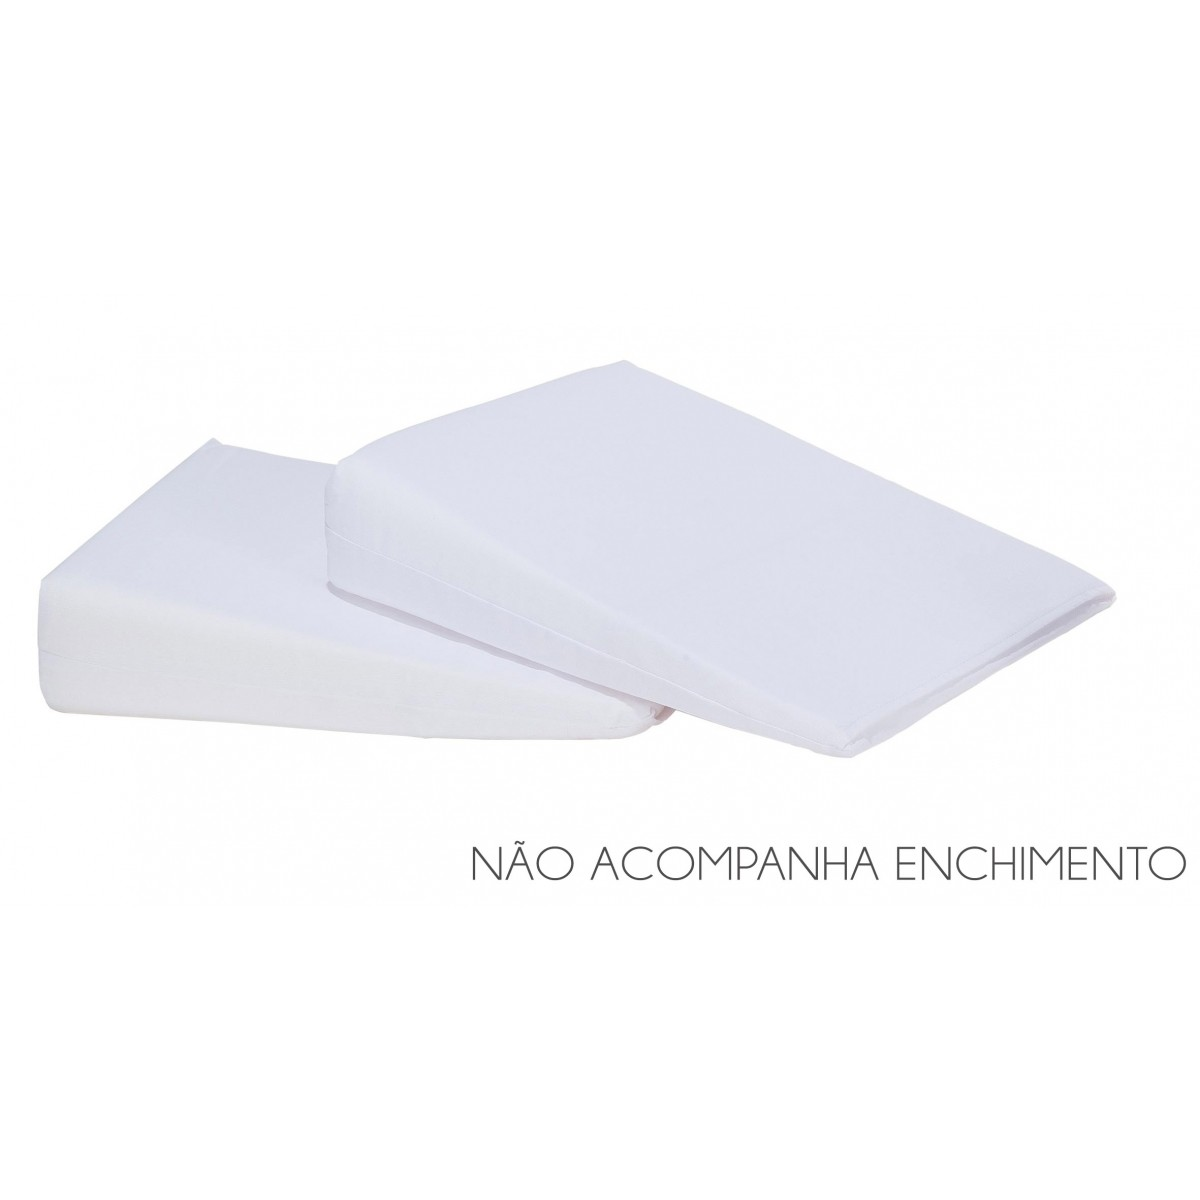 Capa de Rampa para Carrinho - Branco